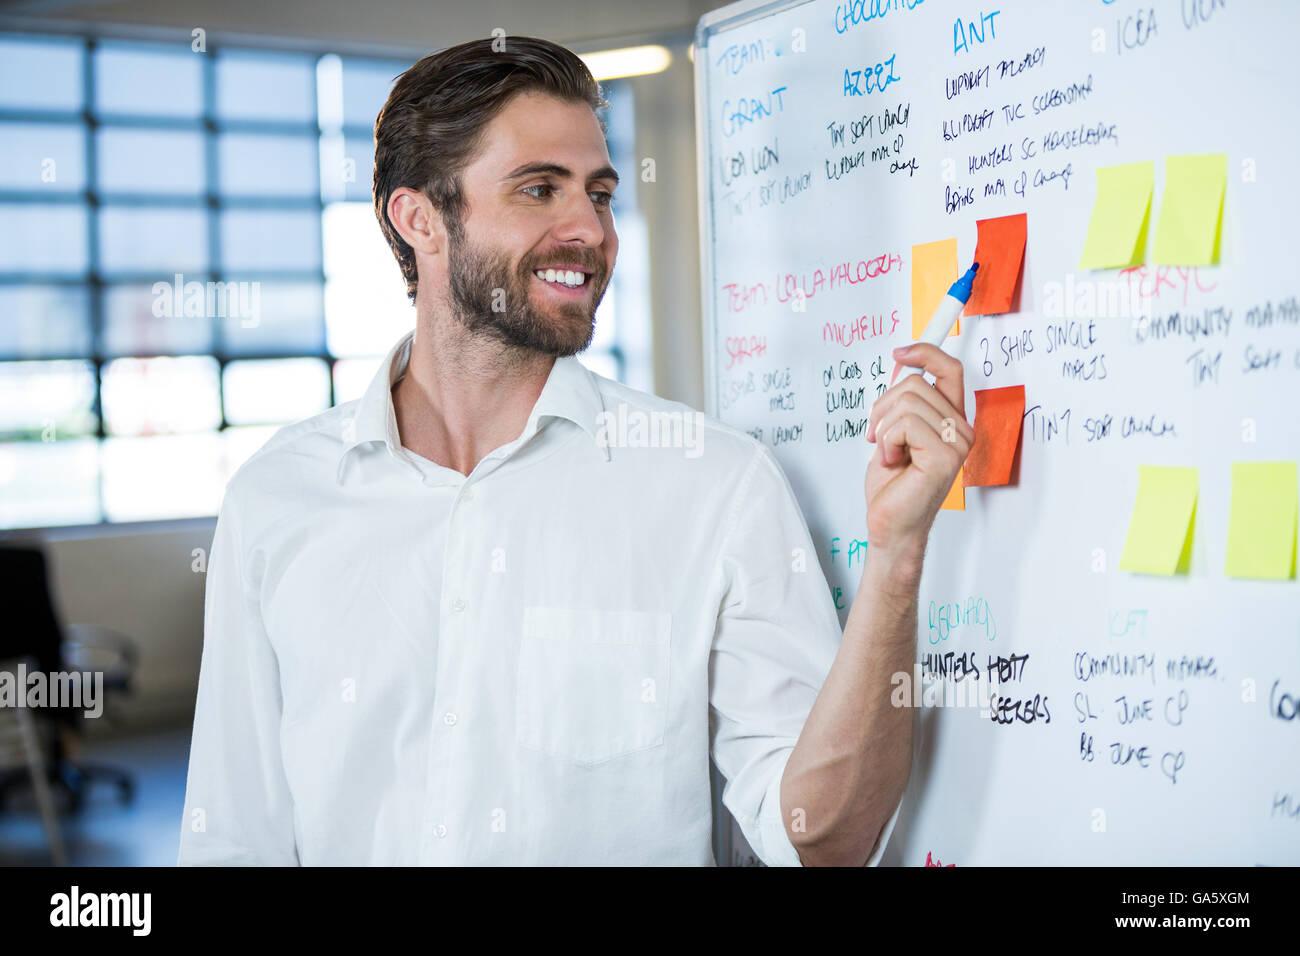 Imprenditore sorridere mentre puntando su una nota adesiva Immagini Stock